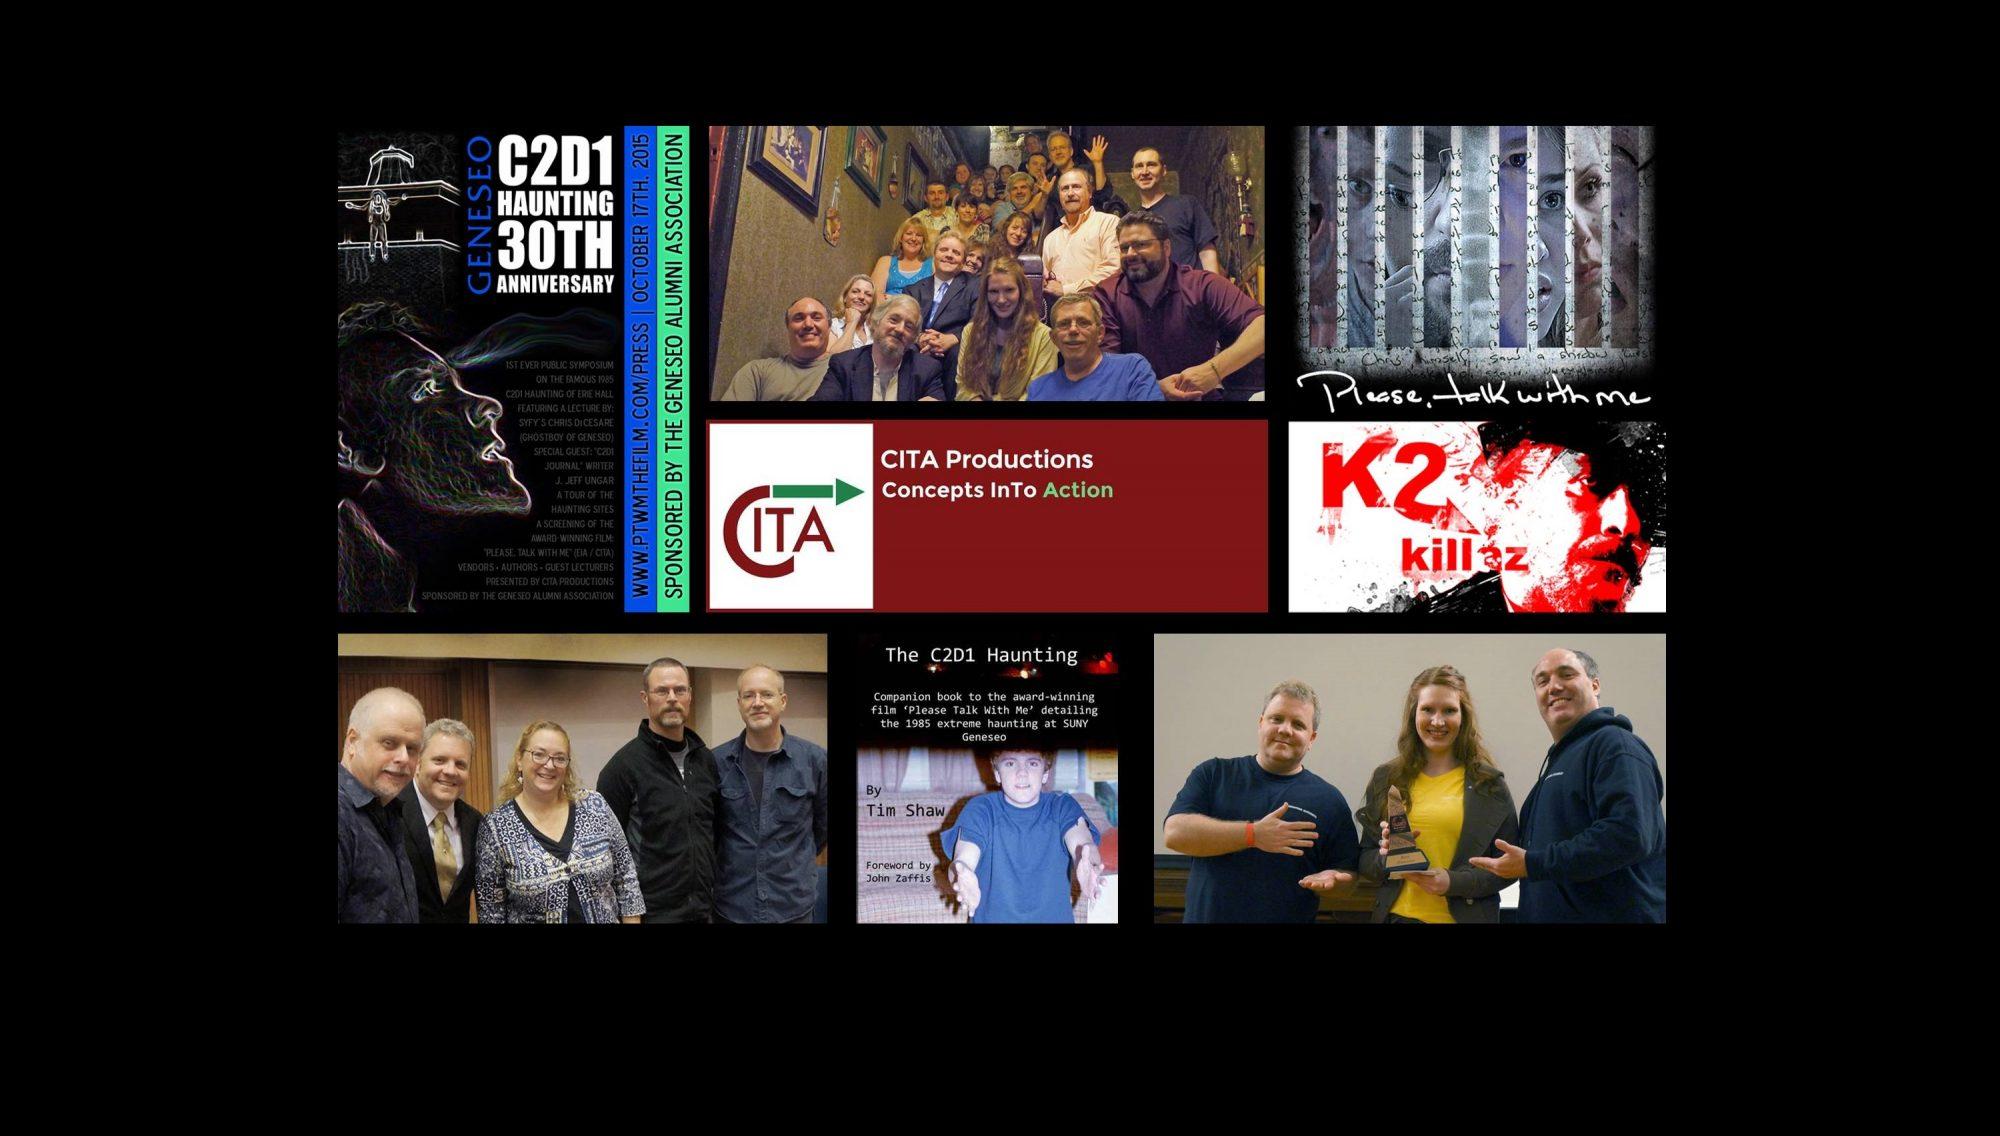 CITA Productions